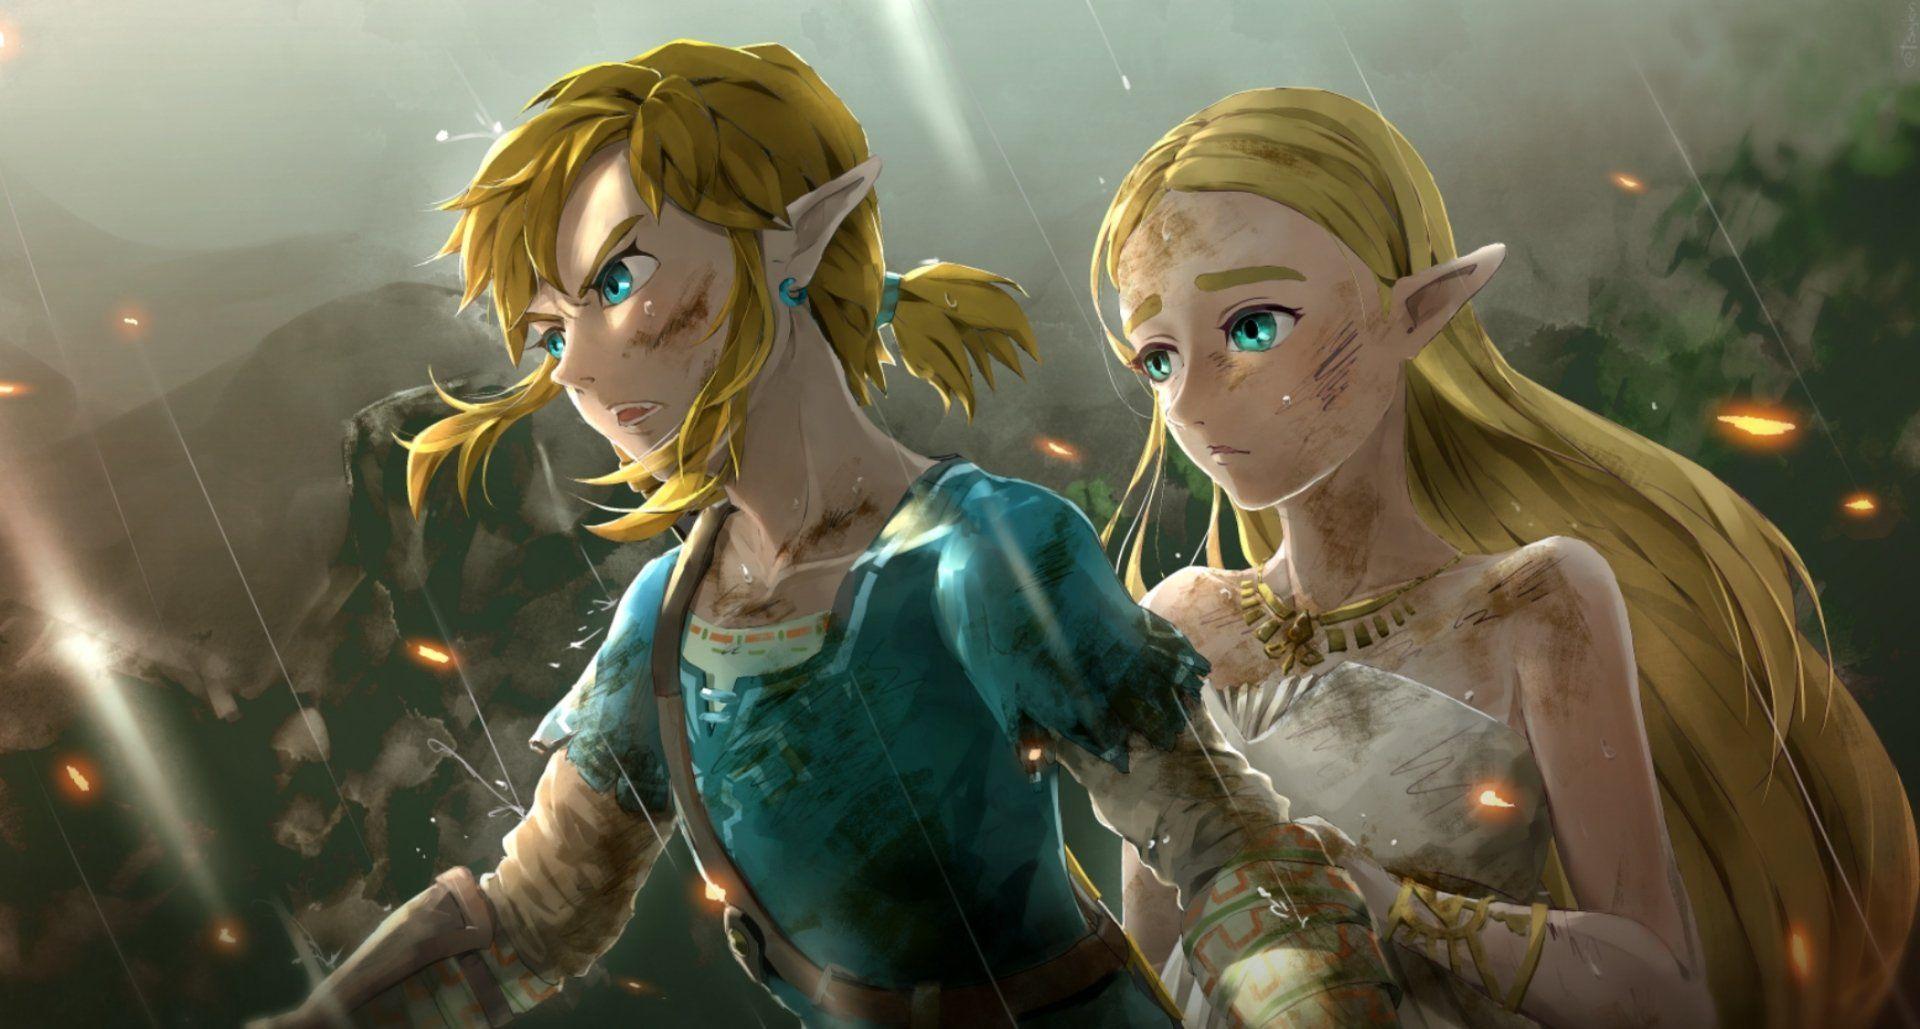 2100x1126 The Legend Of Zelda Breath Of The Wild Wallpaper